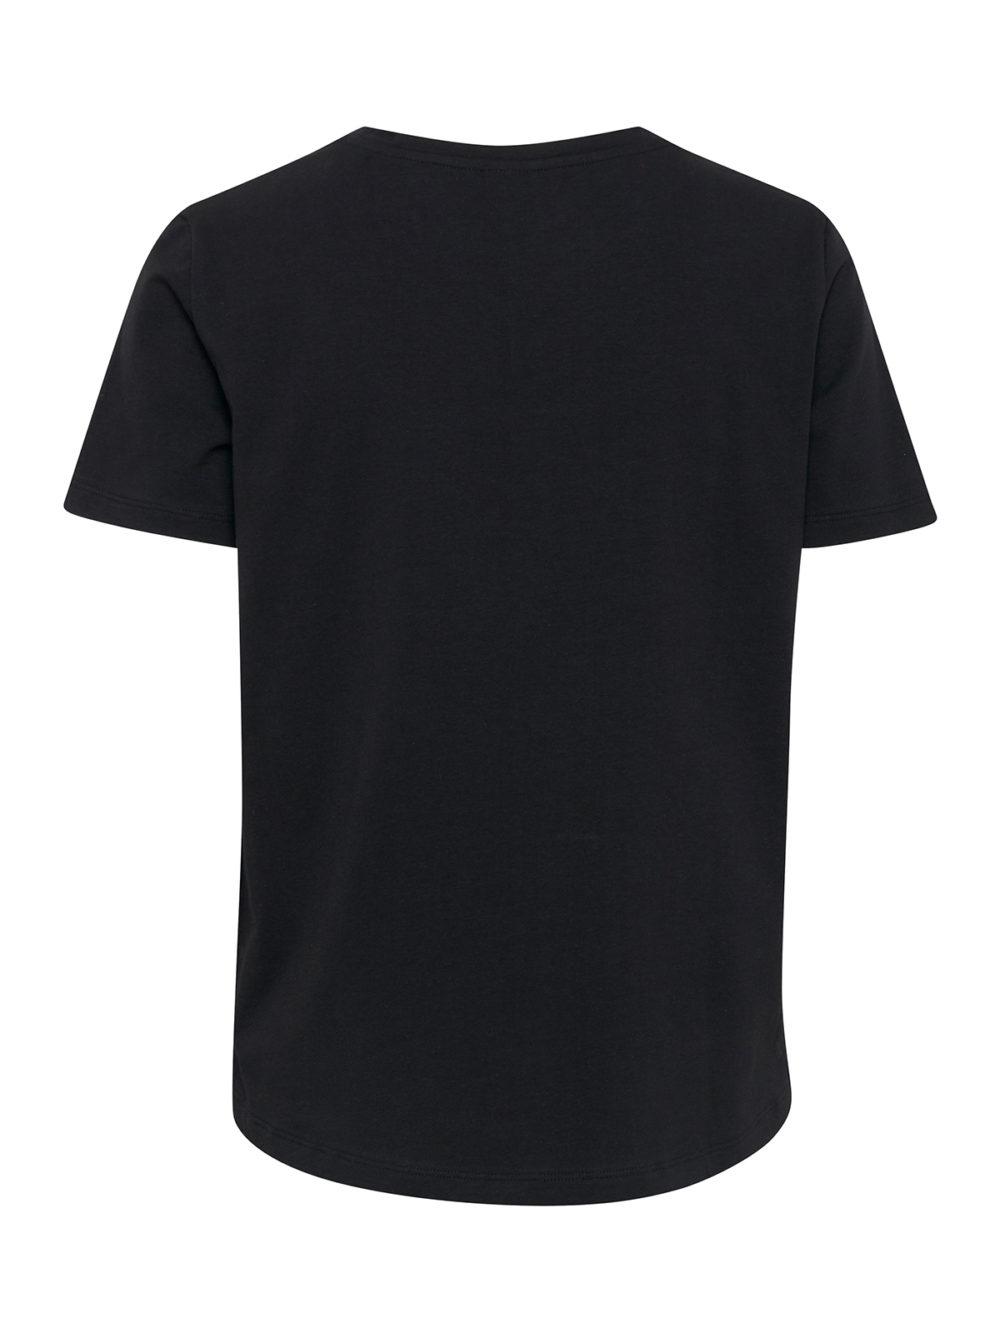 Badot T-shirt ICHI Katie Kerr Women's Clothing